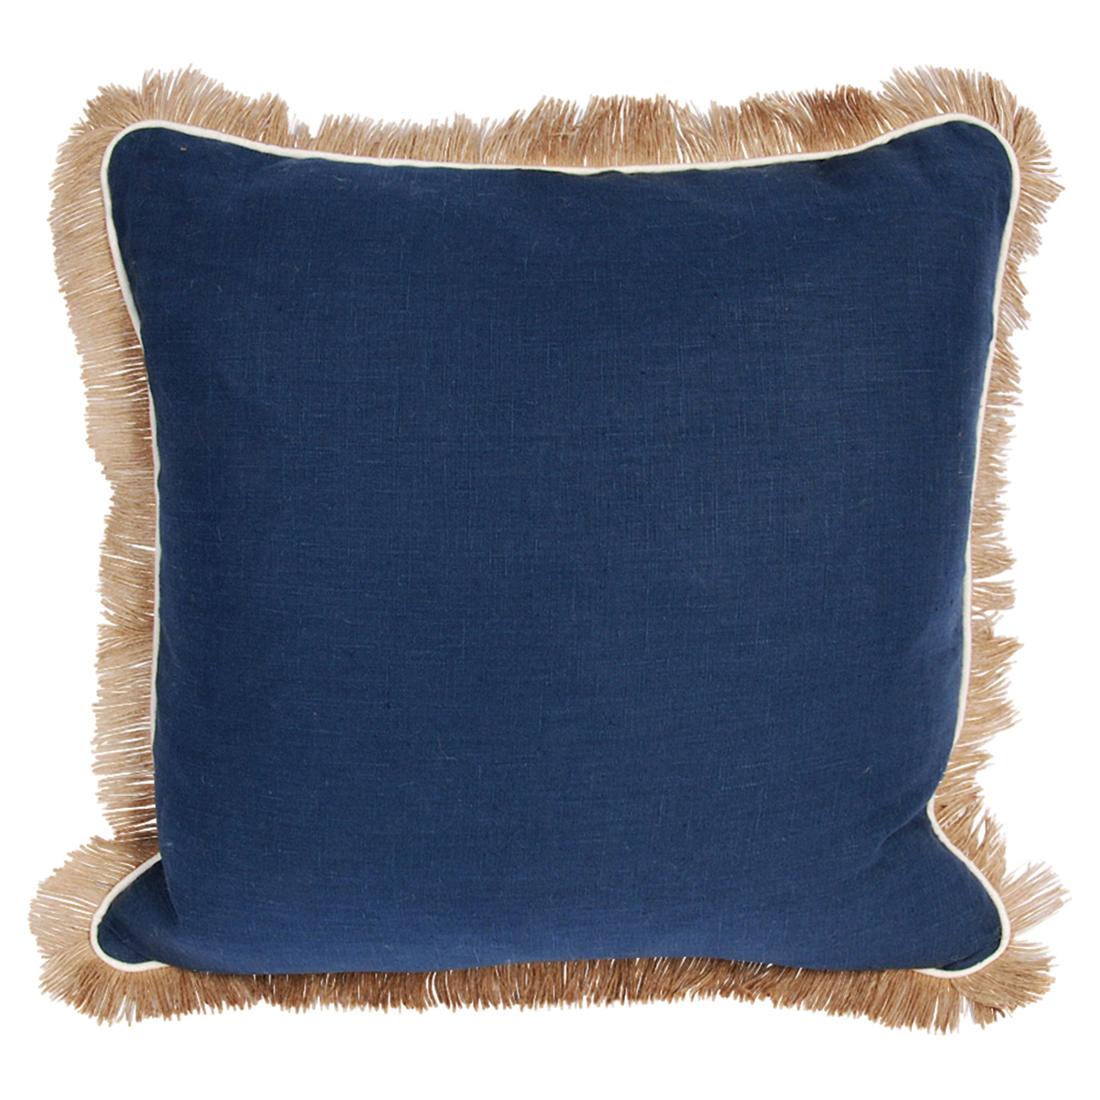 Mamie Modern Pipe Fringe Navy Linen Pillow - 24x24